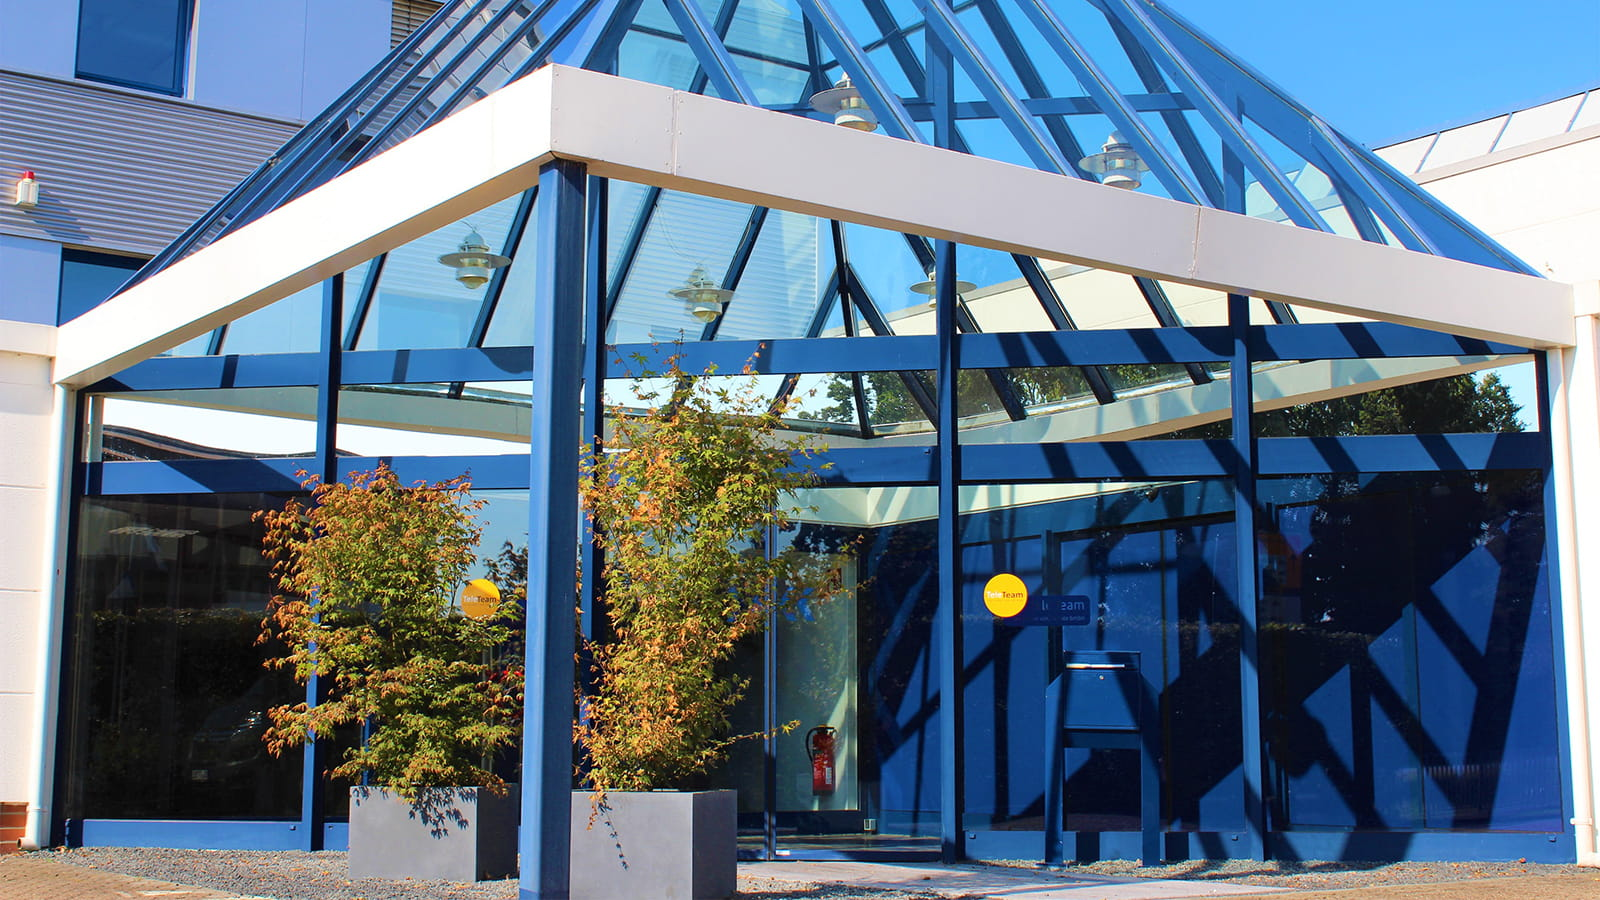 Bild von dem TeleTeam Call-Center und Service GmbH Büro in der Schütte-Lanz-Straße 4 in Oldenburg Tweelbäke